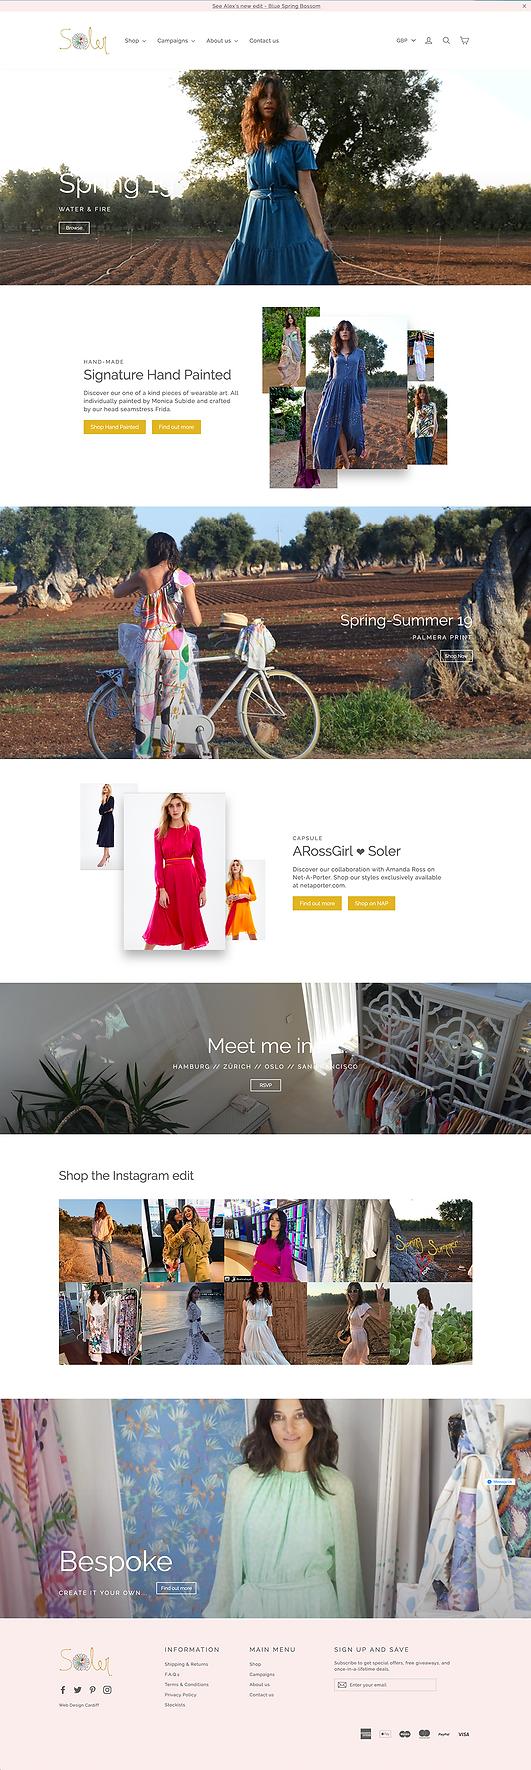 soler website